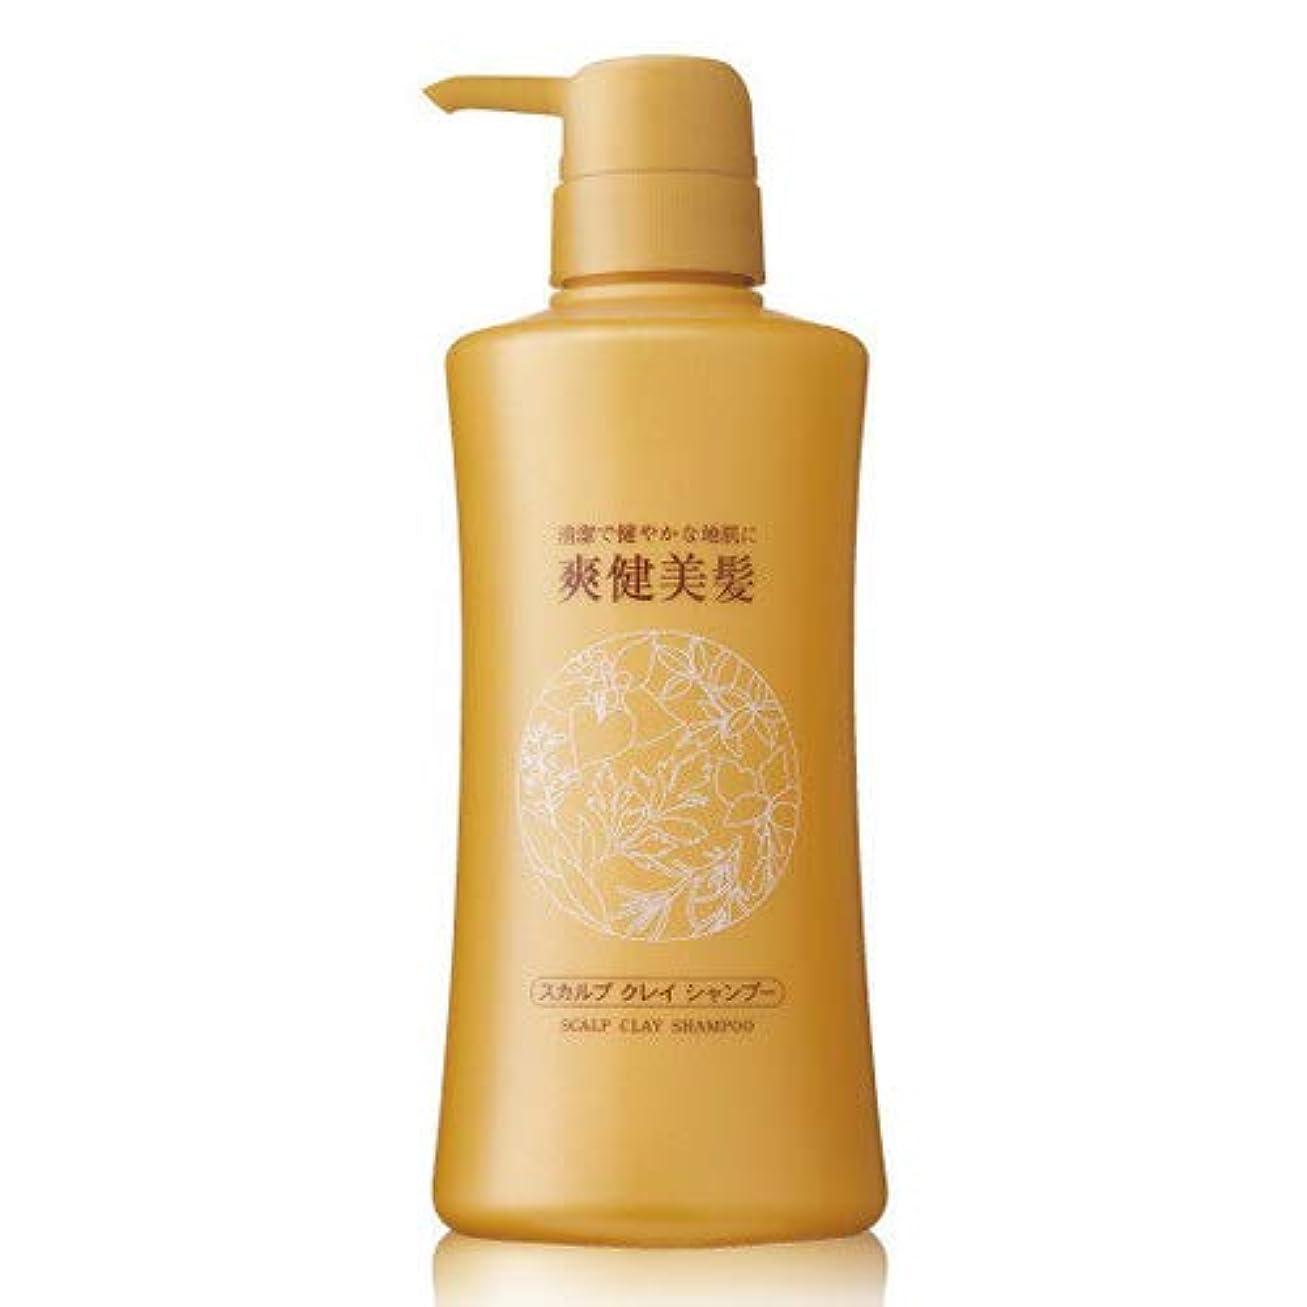 スムーズに技術的な大事にするエビス化粧品(EBiS) 爽健美髪スカルプクレイシャンプーN